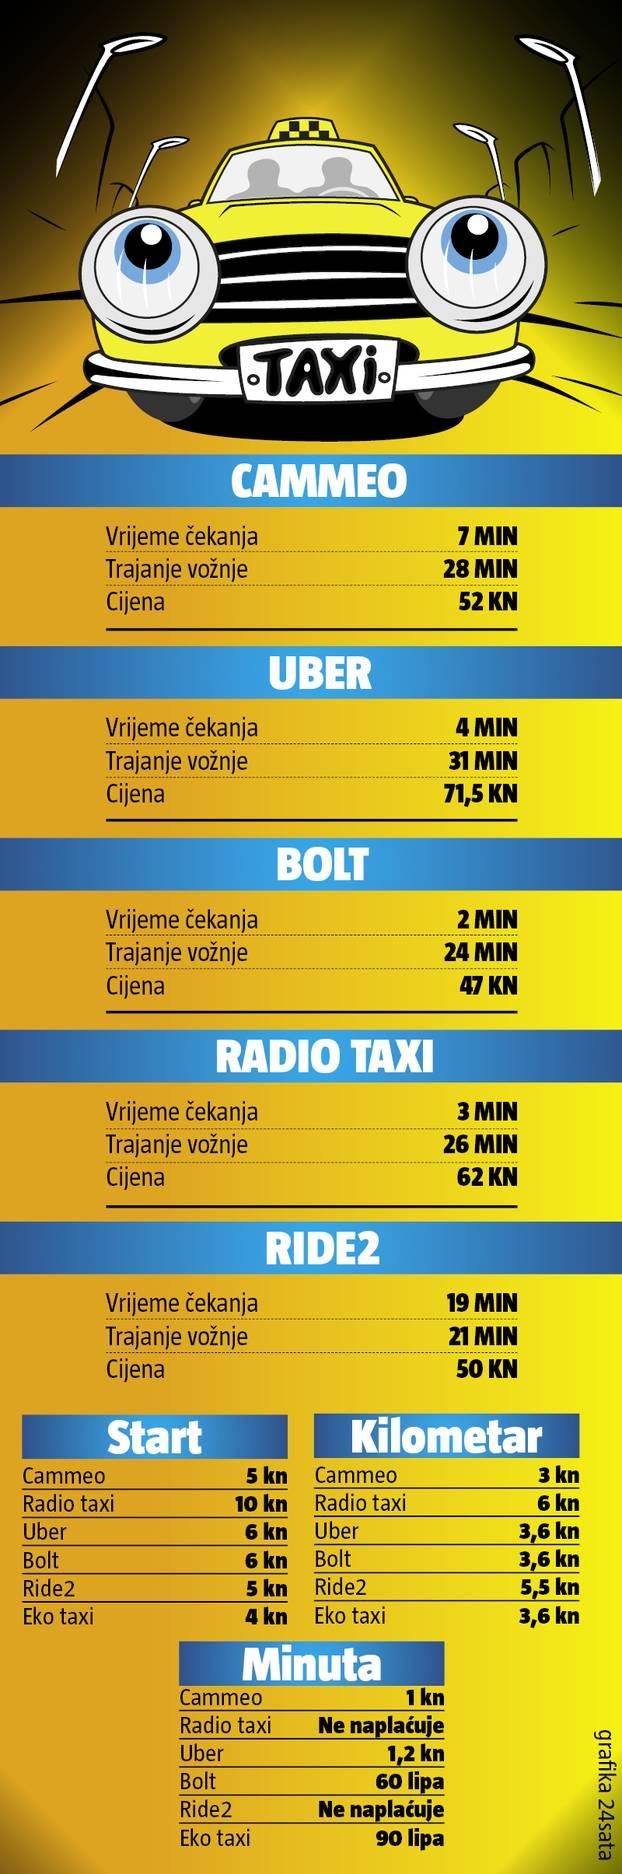 Test Taksija U Zagrebu Evo Tko Vozi Najjeftinije A Tko Najbrze 24sata